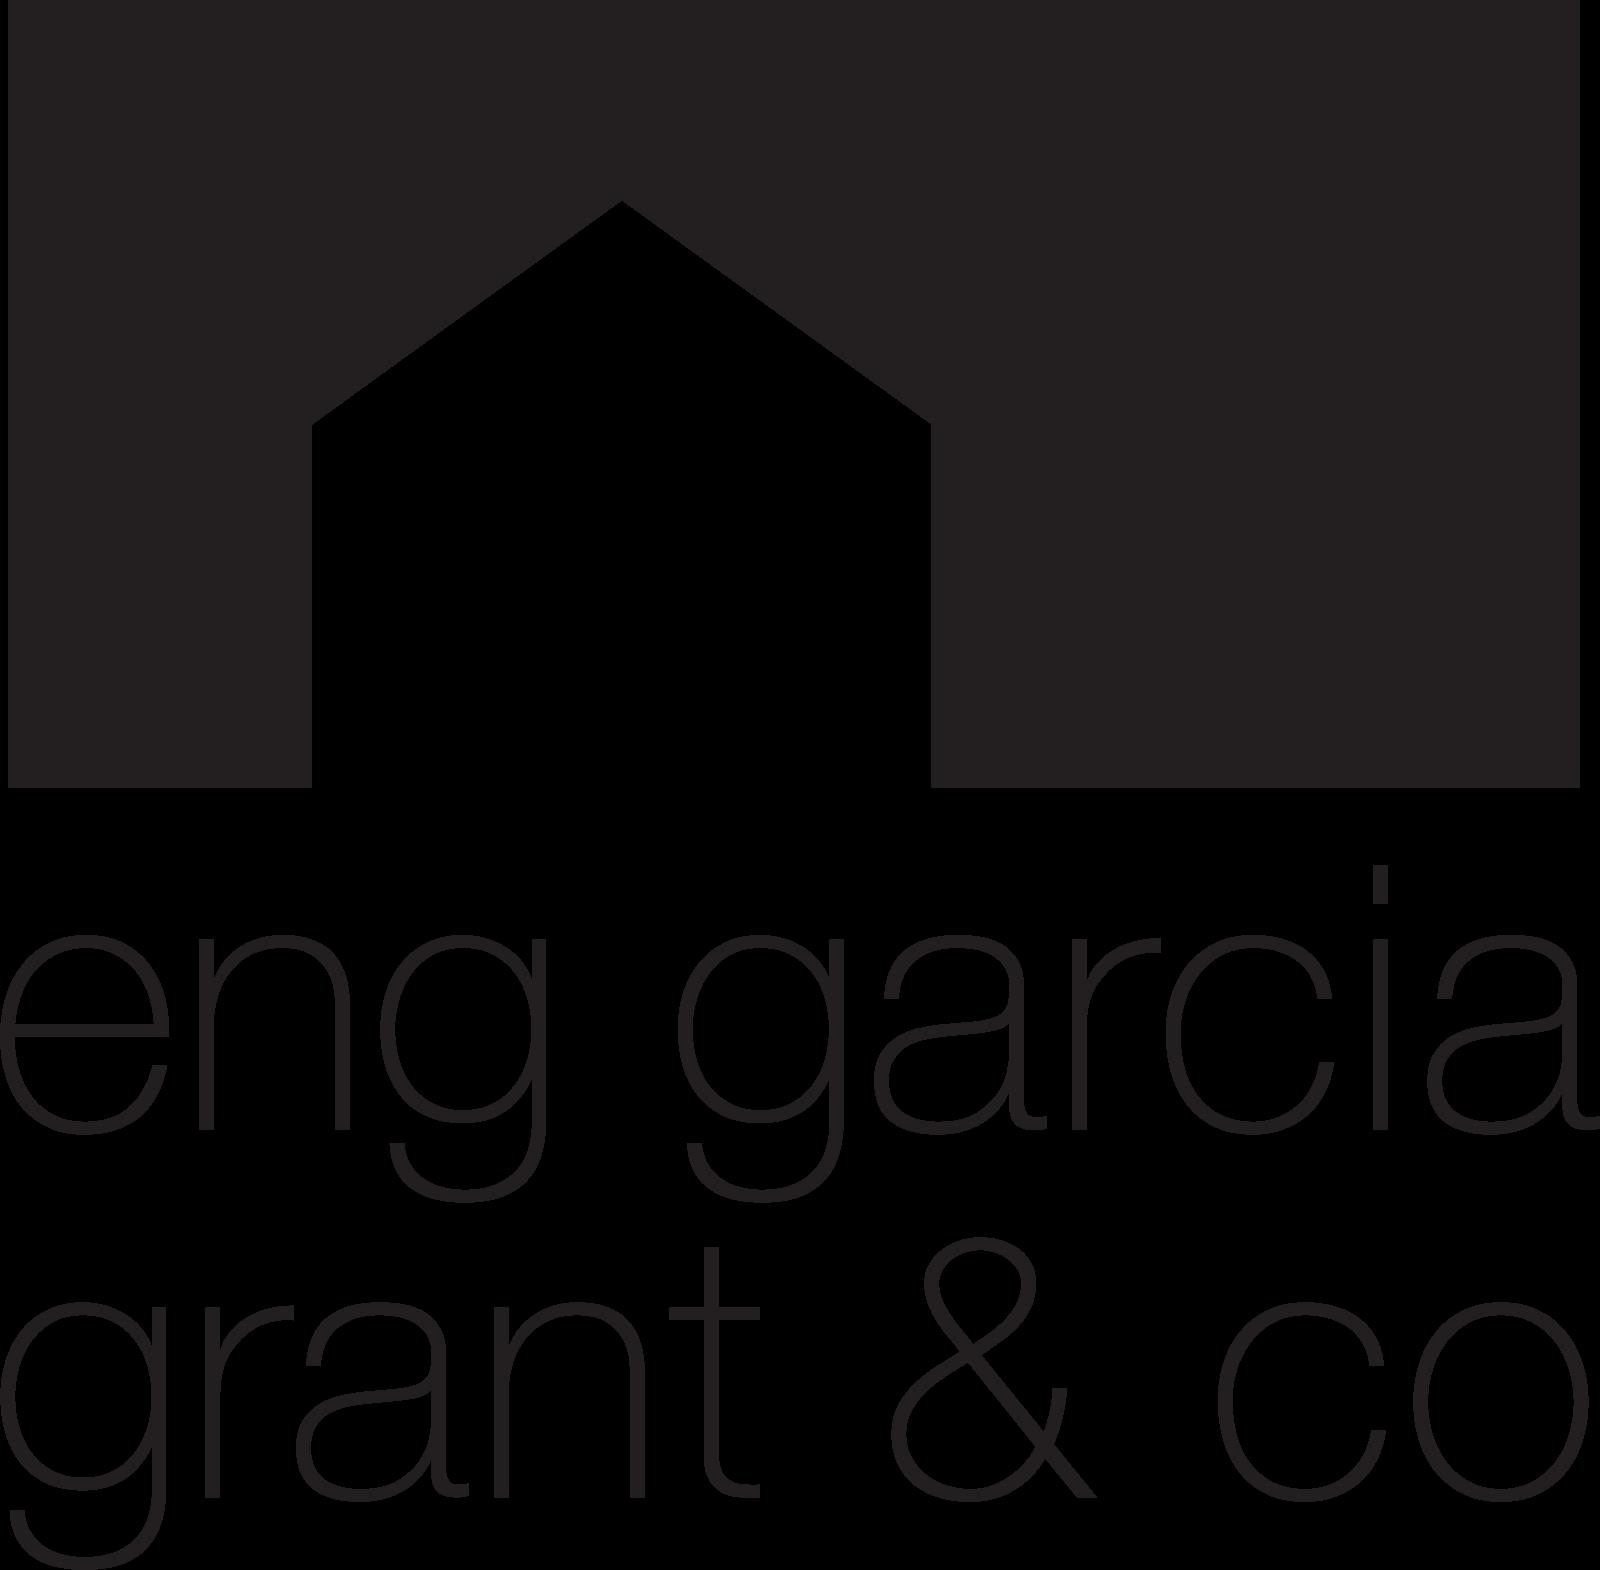 Eng Garcia Grant & Co. logo